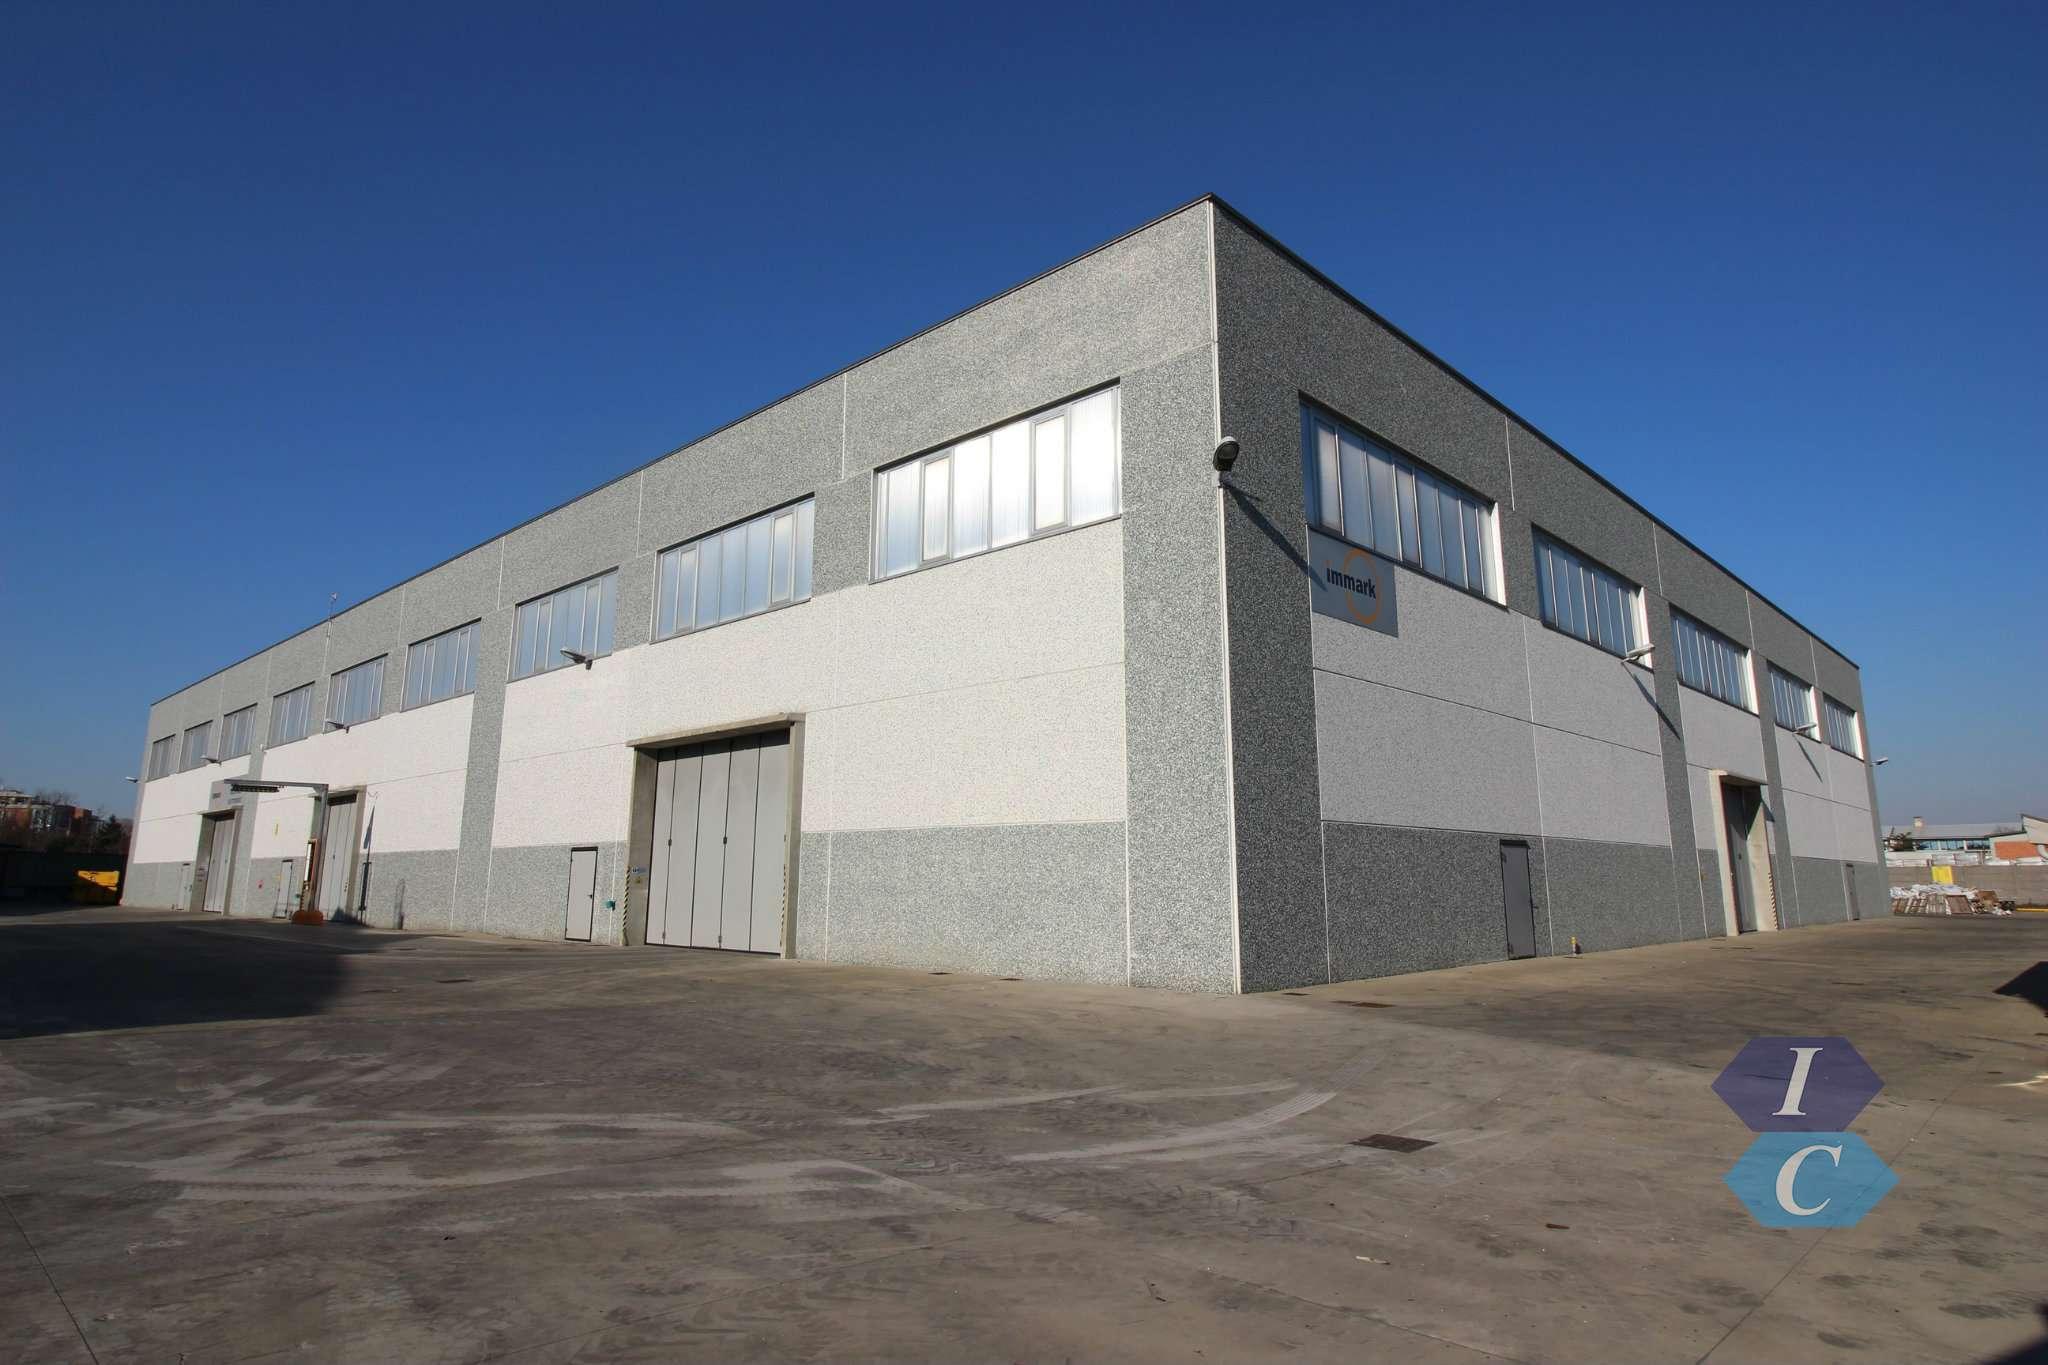 Capannone in vendita a Cornaredo, 10 locali, prezzo € 6.000.000 | PortaleAgenzieImmobiliari.it